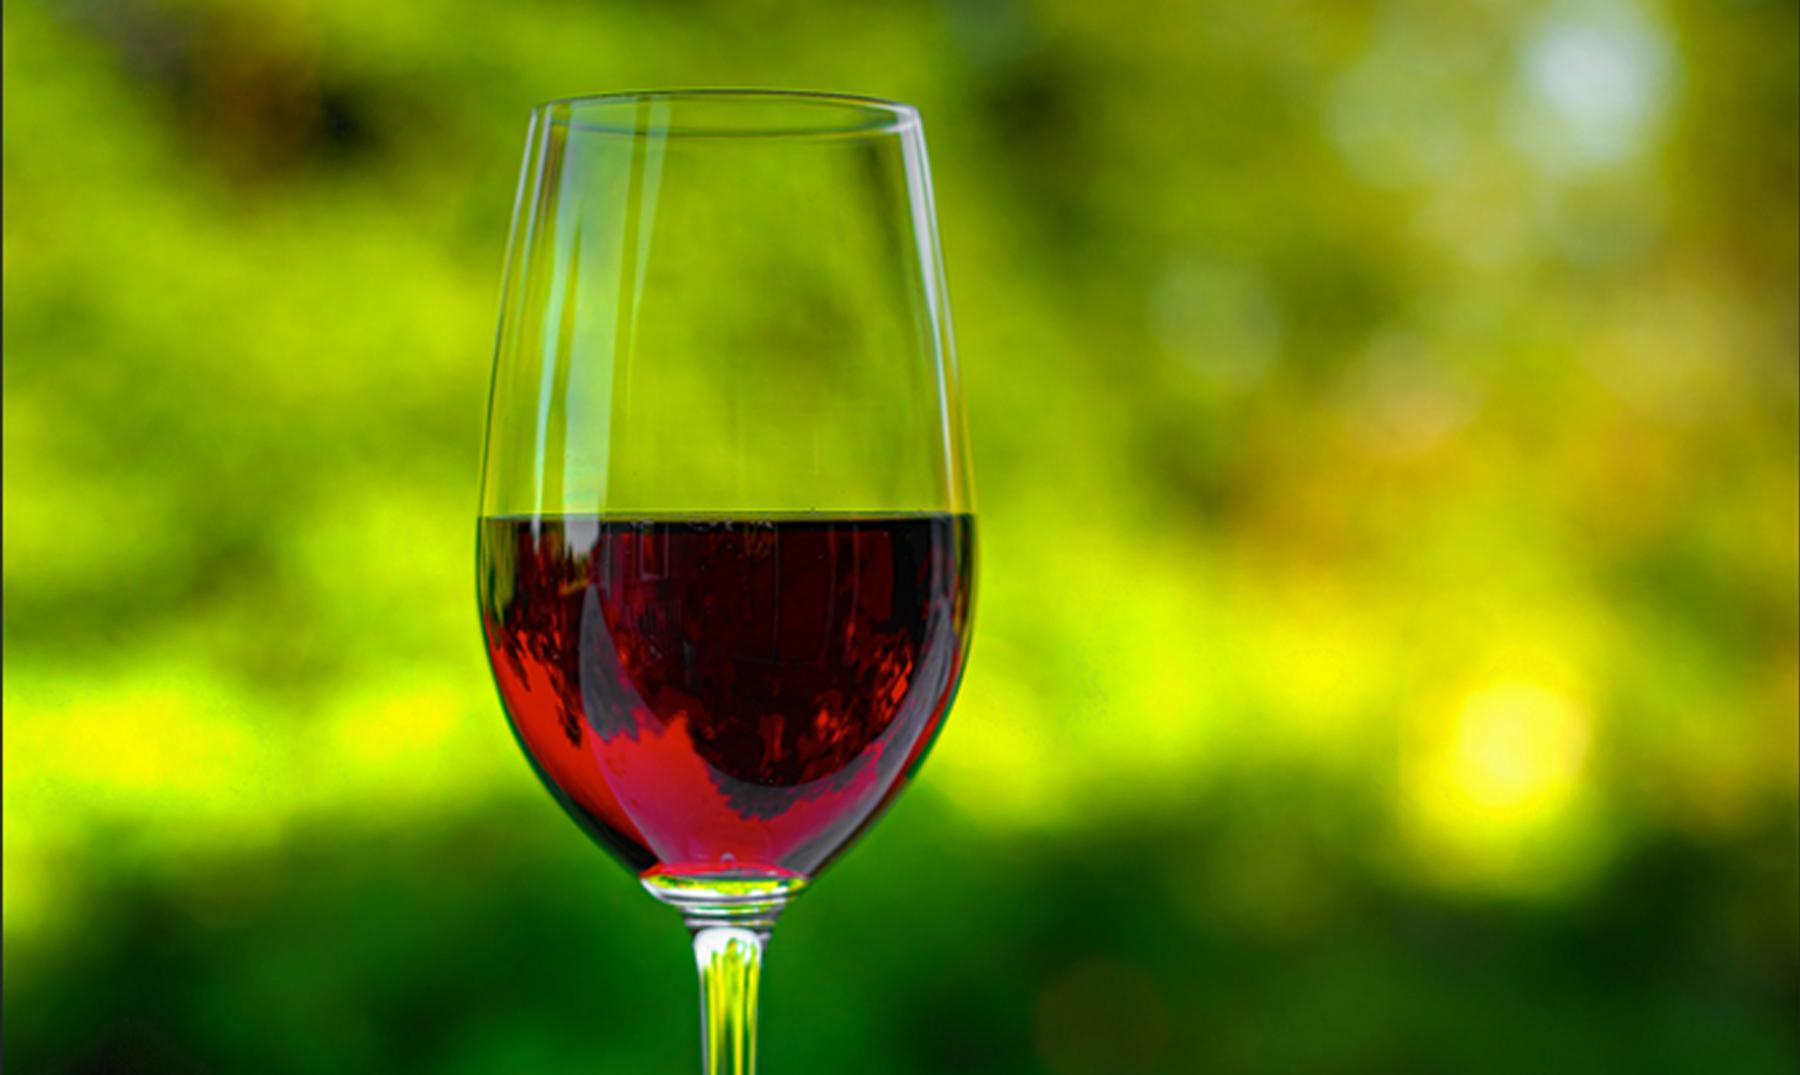 El Alcohol mata a las Neuronas? Sacate la Duda, aca la Posta